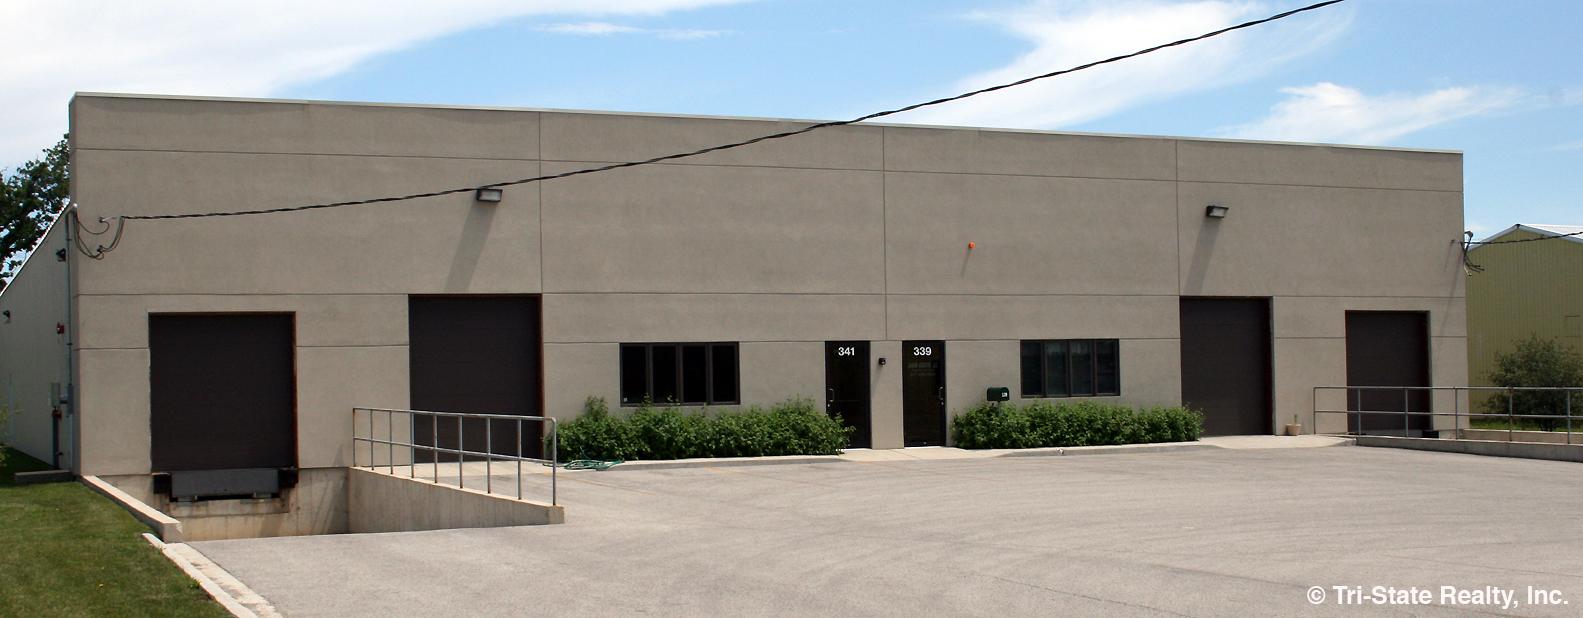 339-341 N. Lakewood Ave., Waukegan, IL